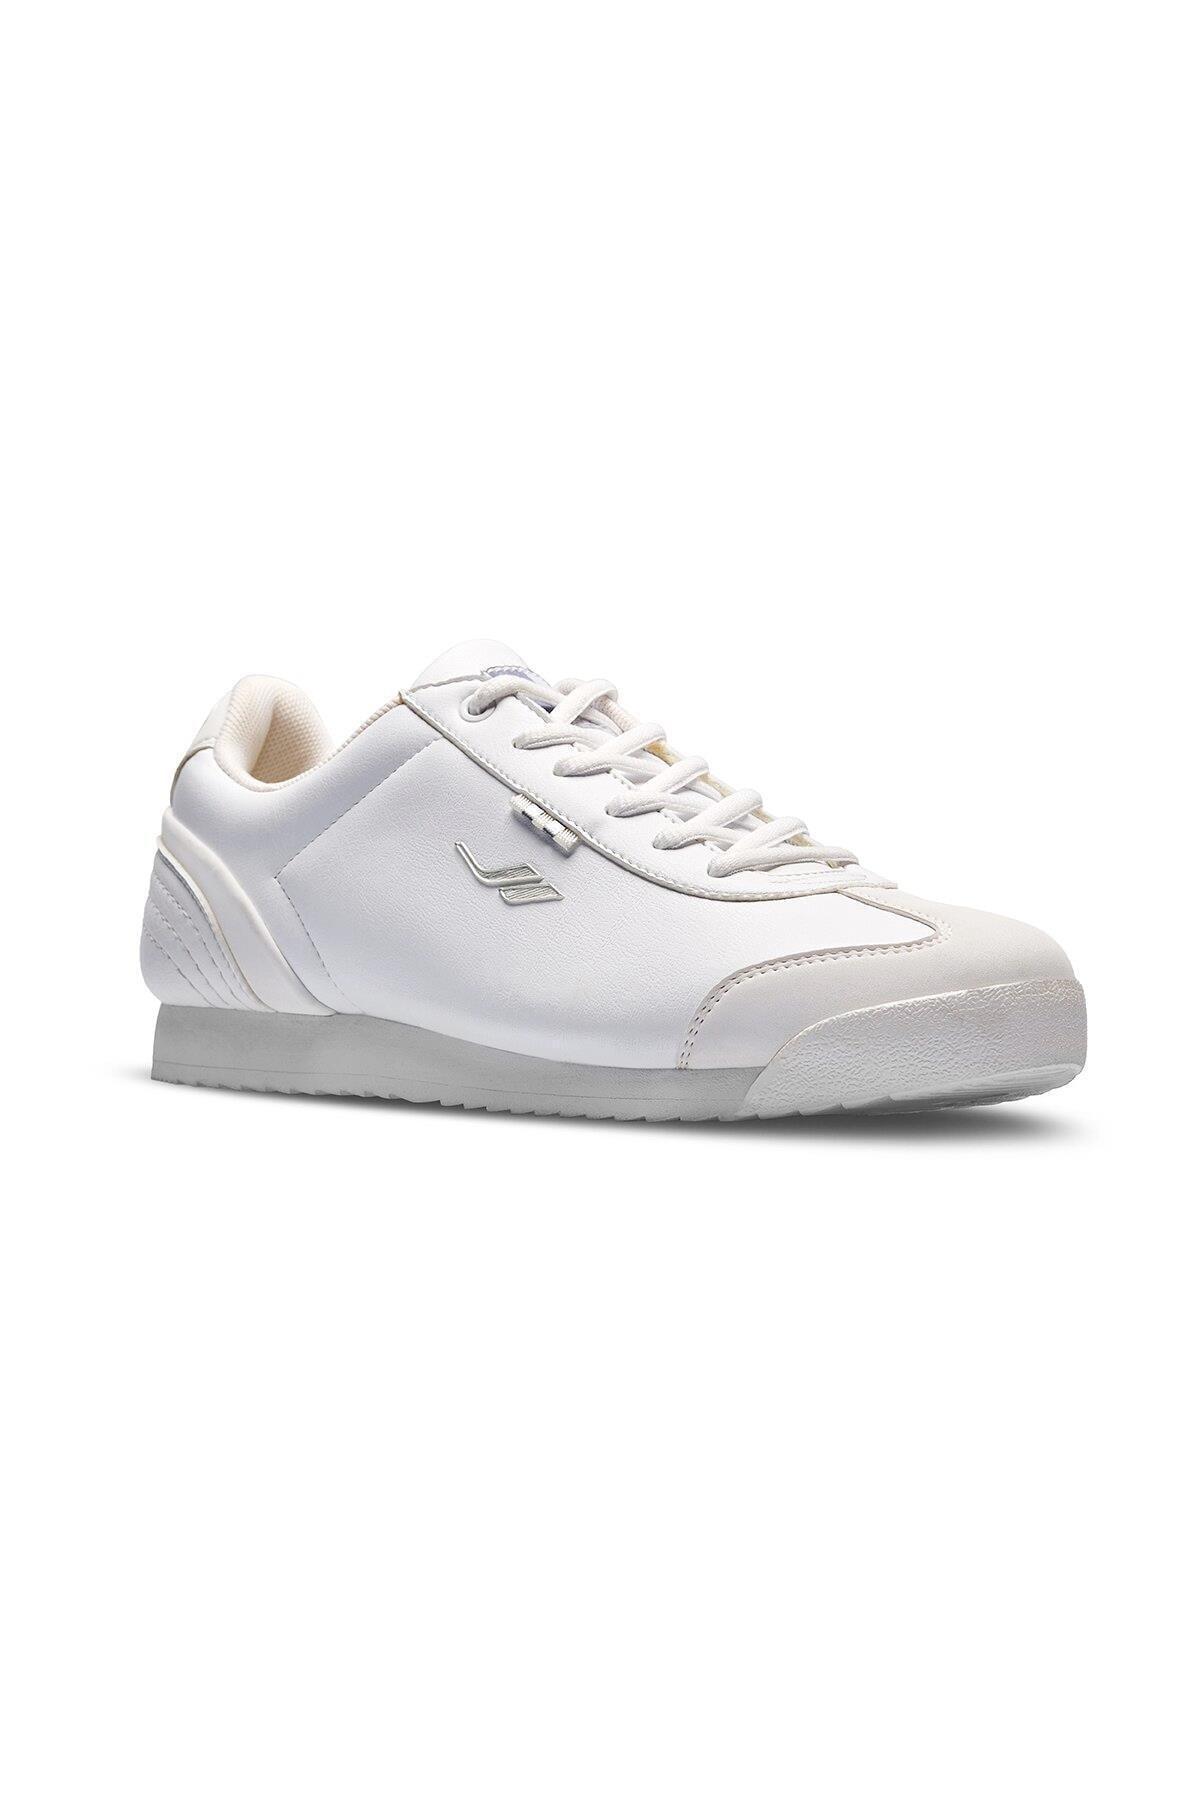 Lescon Ly-wınner-3 Sneakers Günlük Erkek Spor Ayakkabı 2